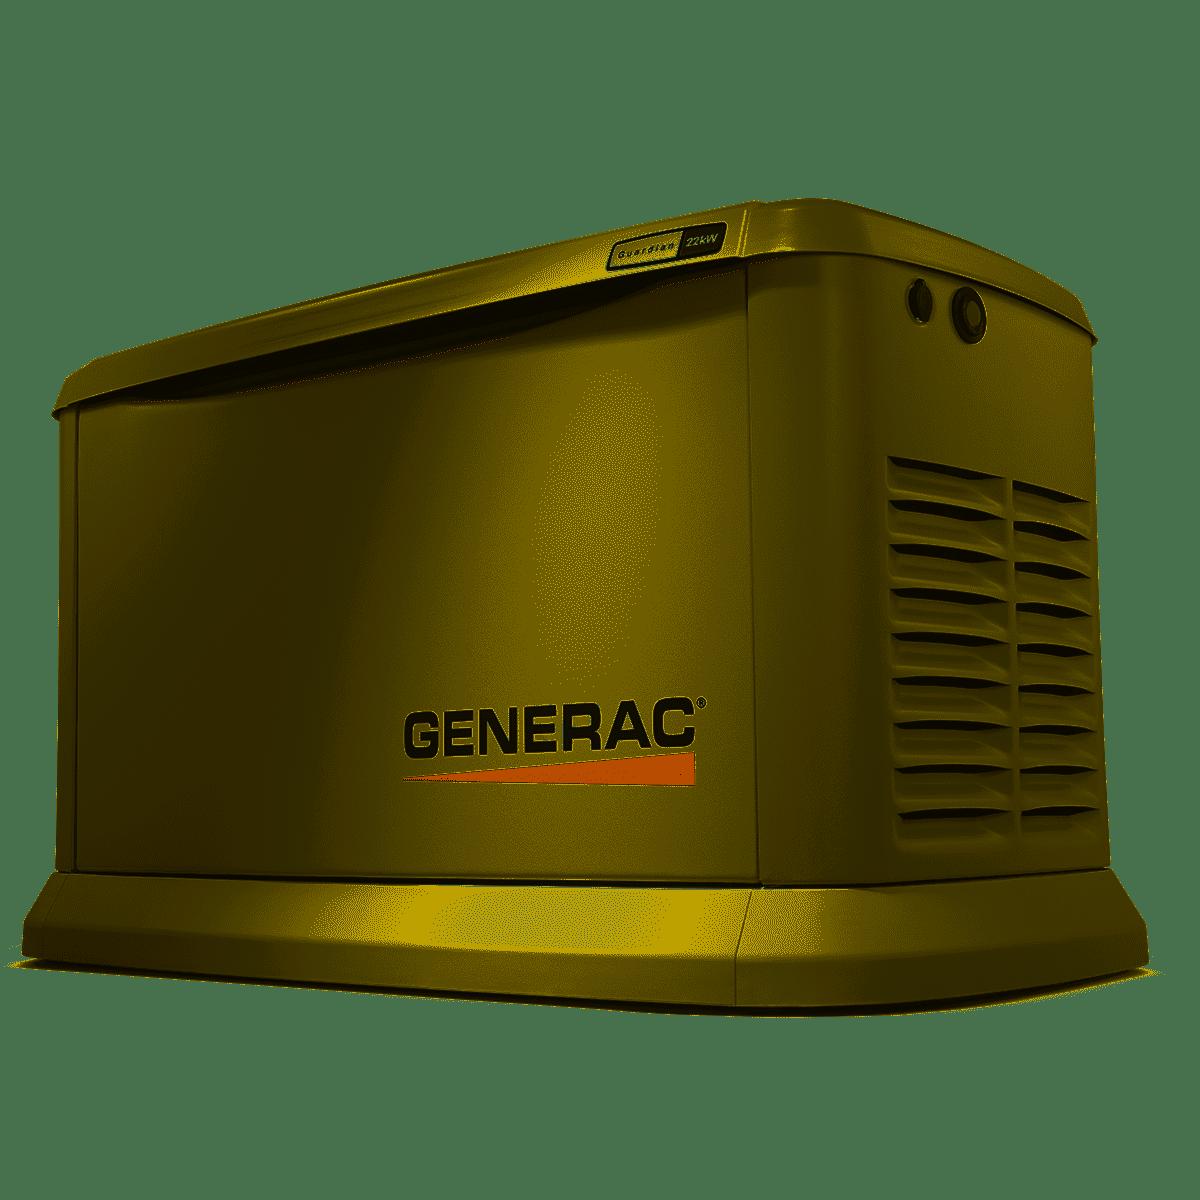 Generac 70422 22/19.5,000-watt aluminum wi-fi air-cooled standby generator  $3517